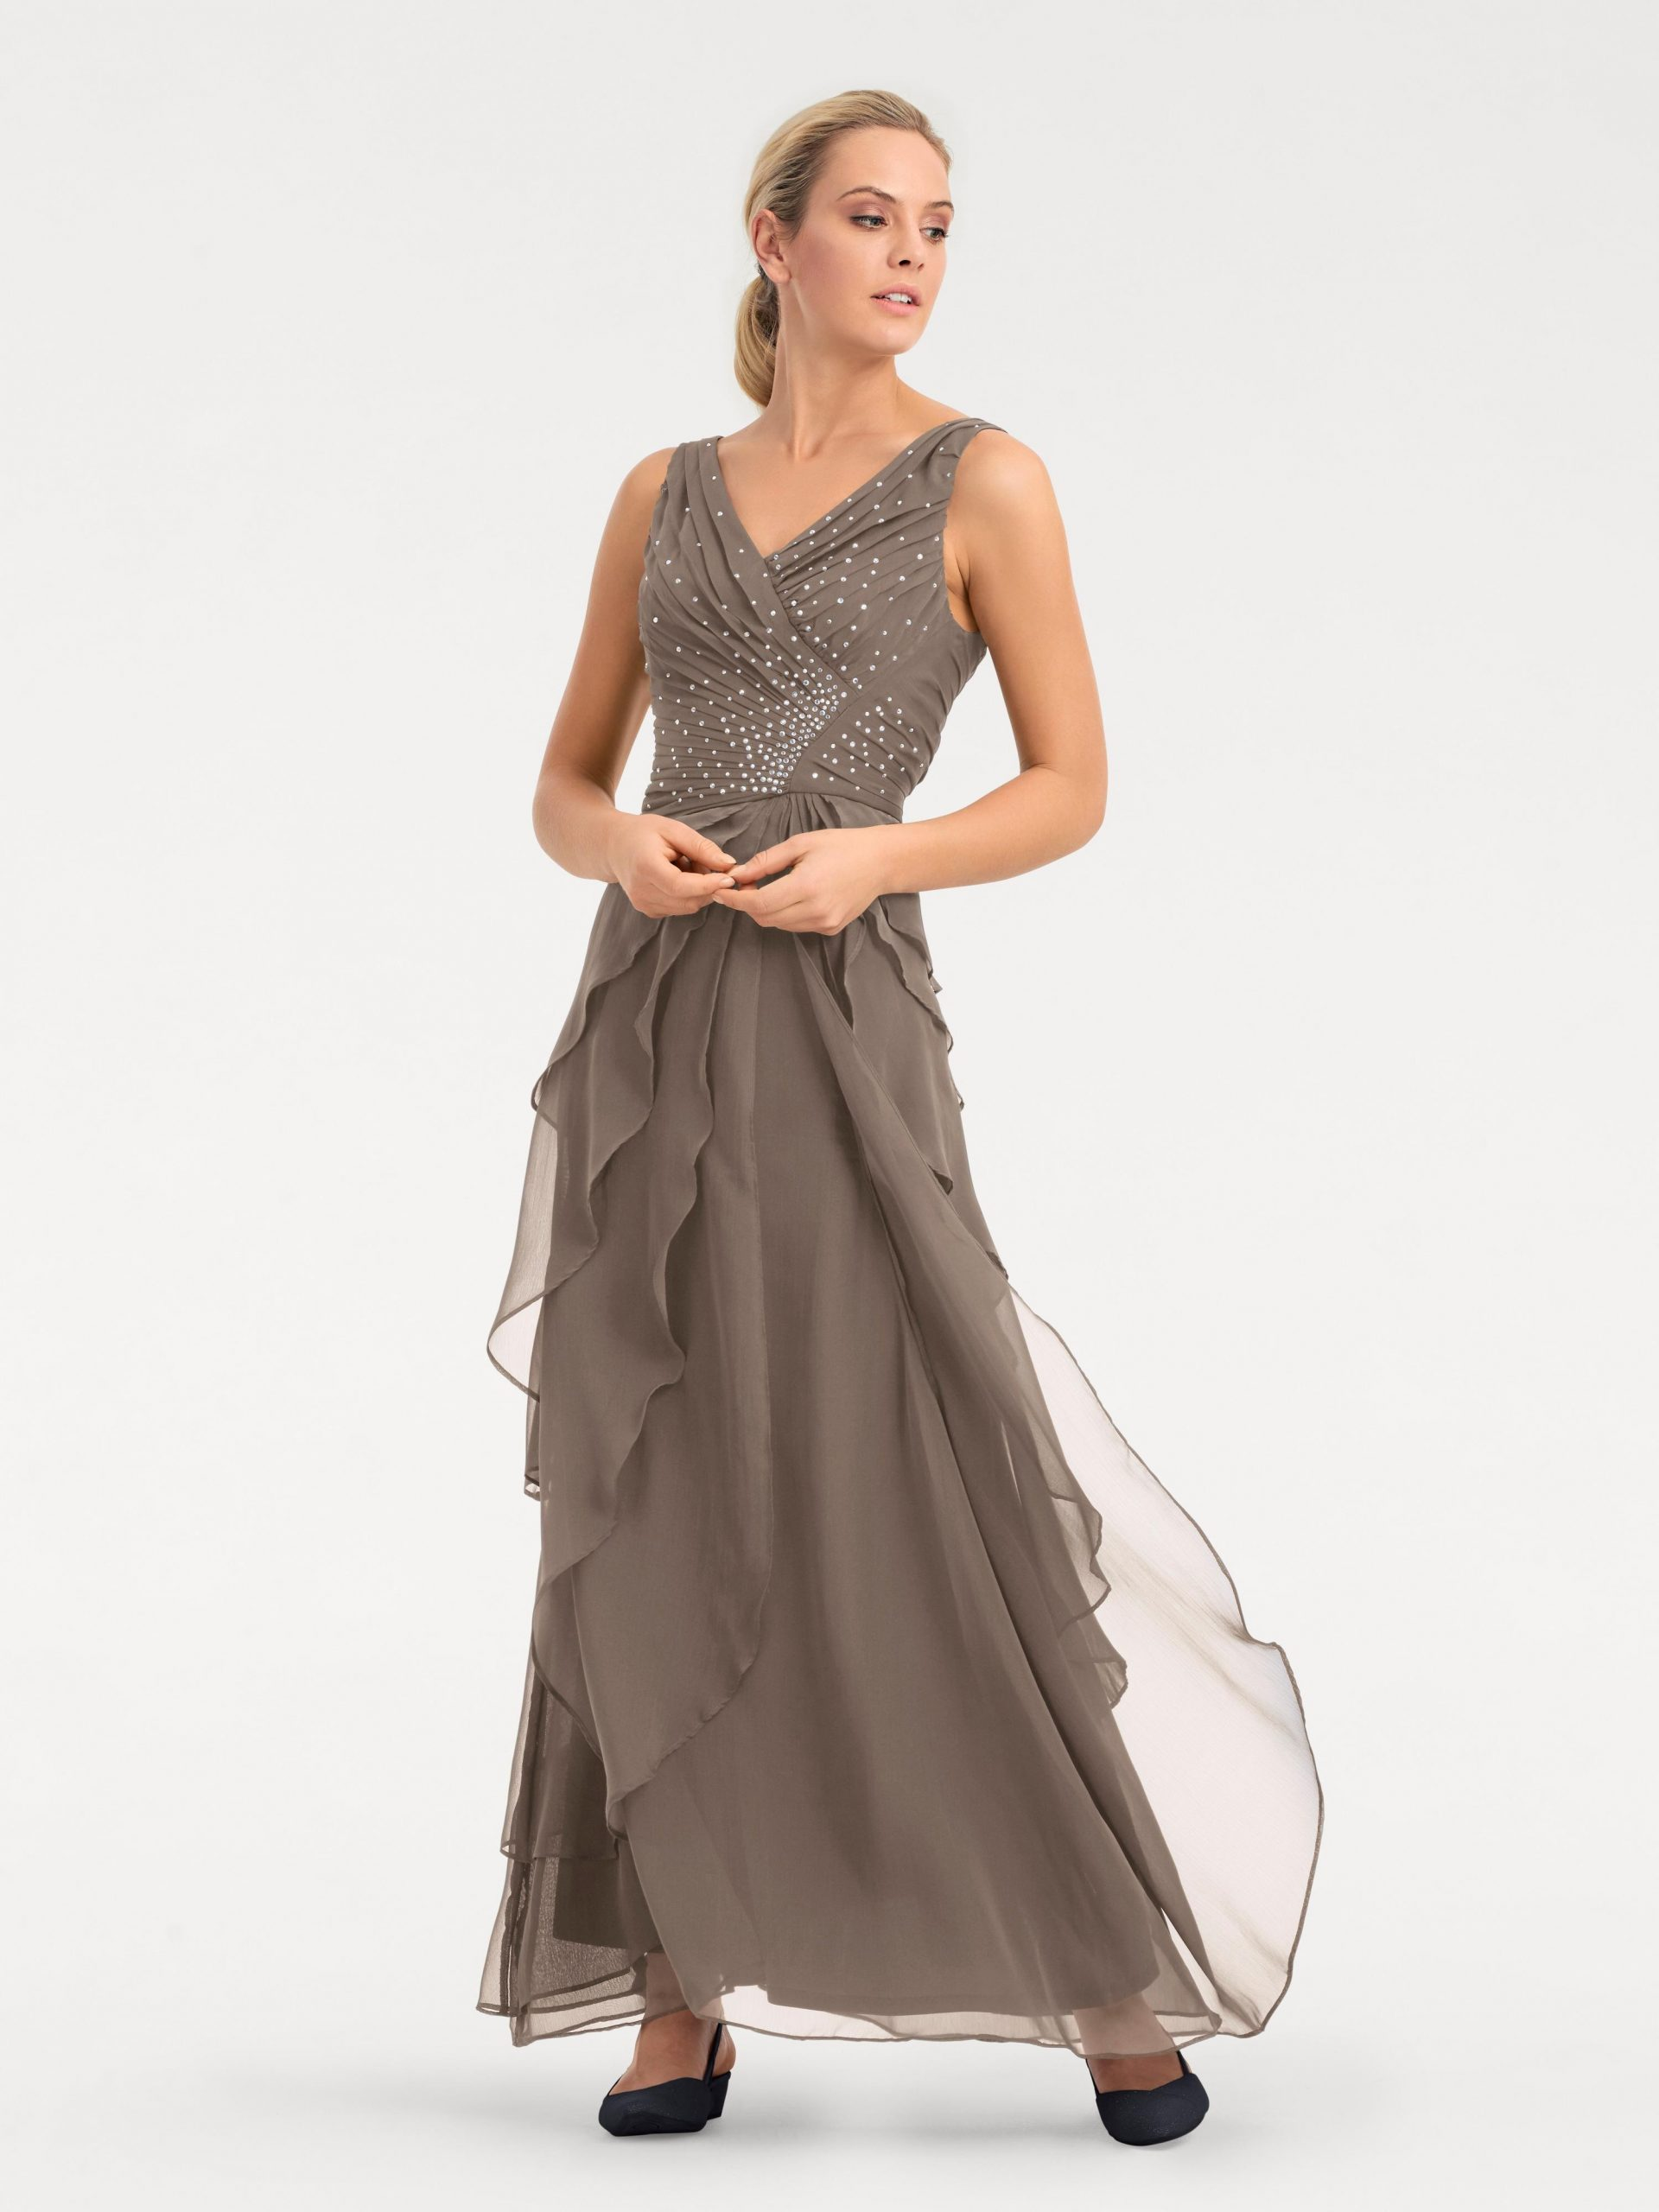 Leicht Kaufen Abendkleid Boutique15 Kreativ Kaufen Abendkleid Boutique